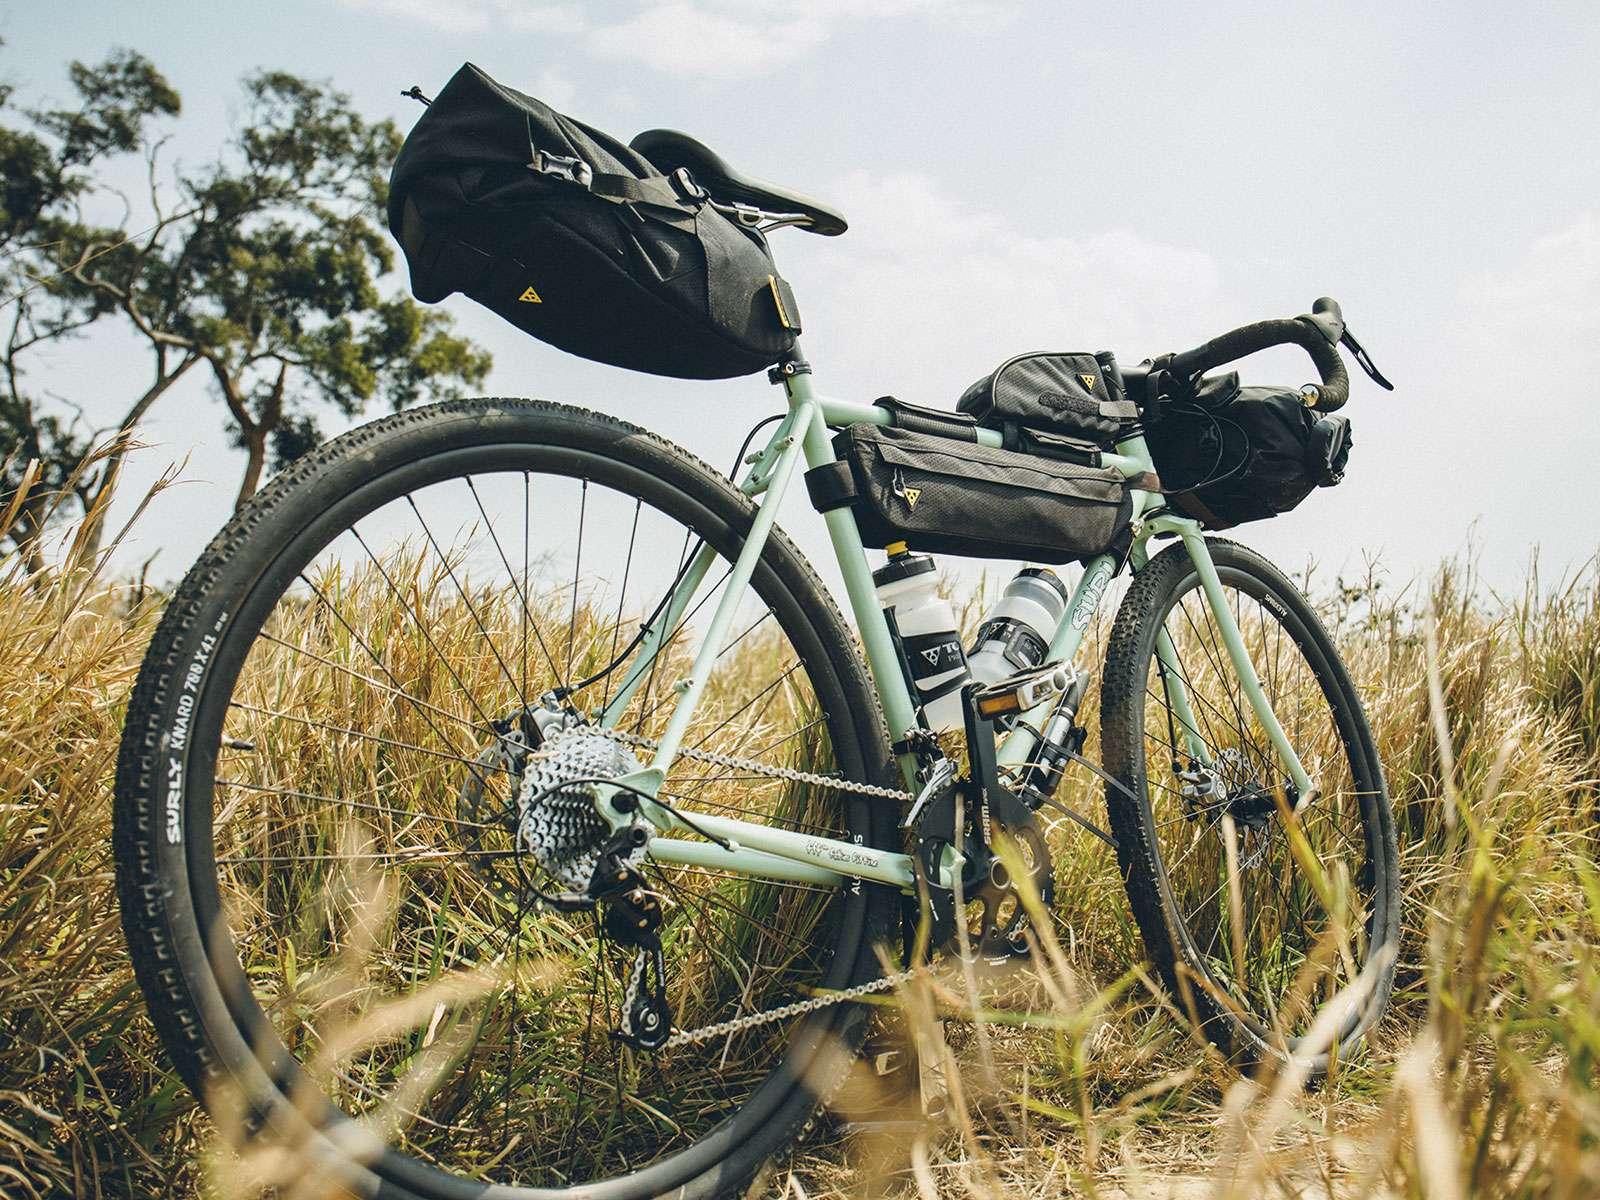 加大座墊袋助你挑戰雙城雙塔 - 單車誌-Cycling update